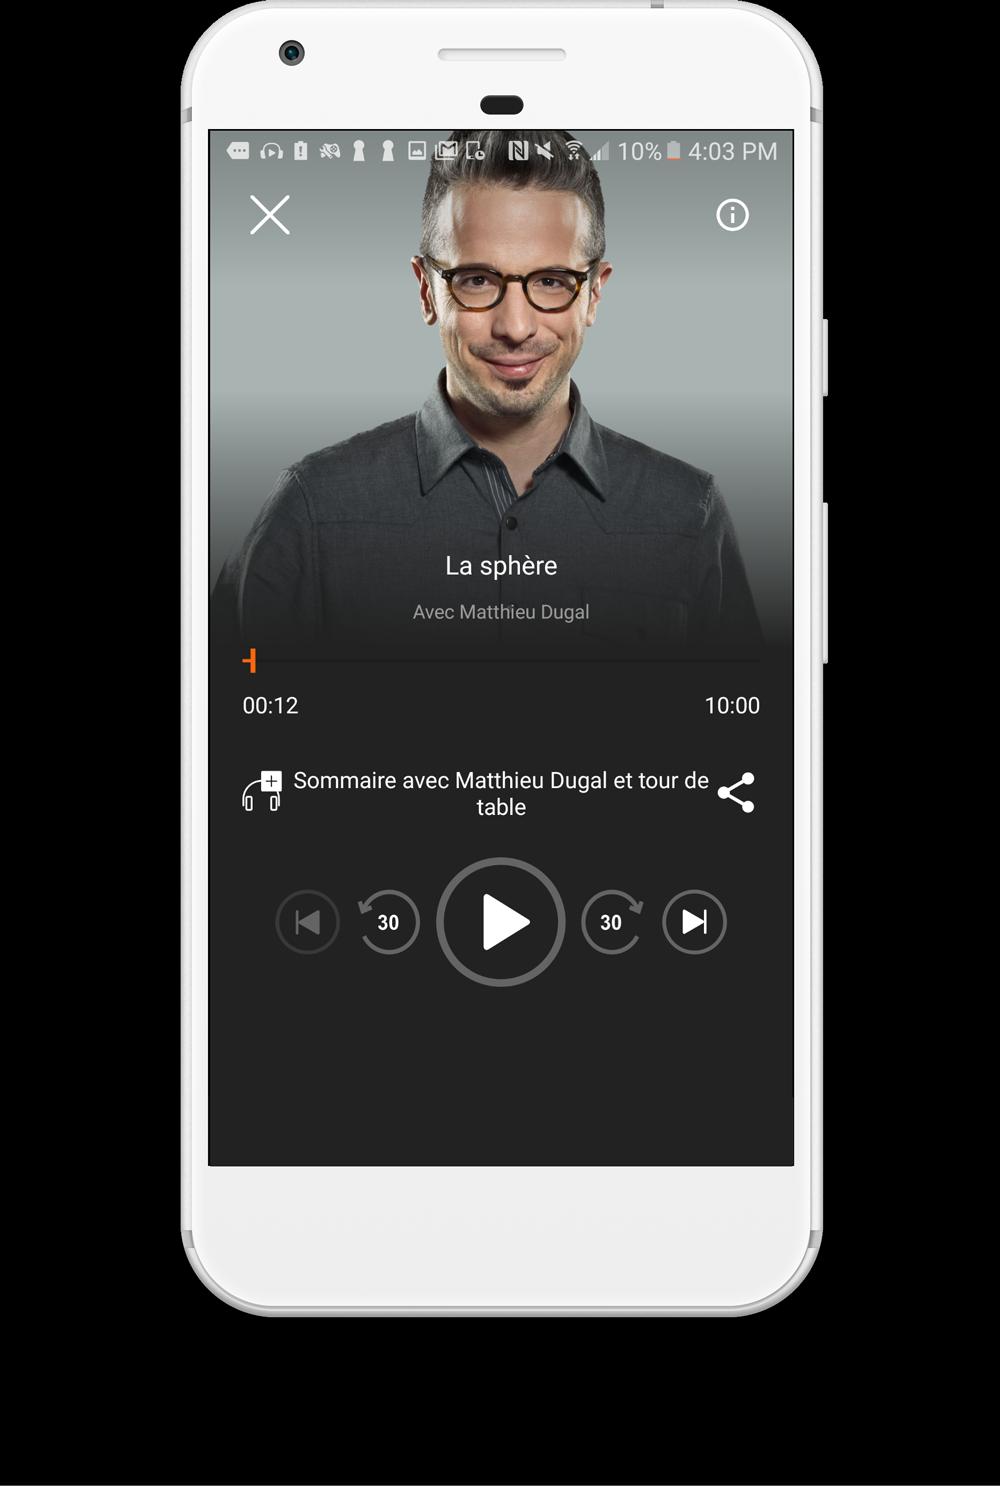 Ecouter radio rencontre 93.3 fm